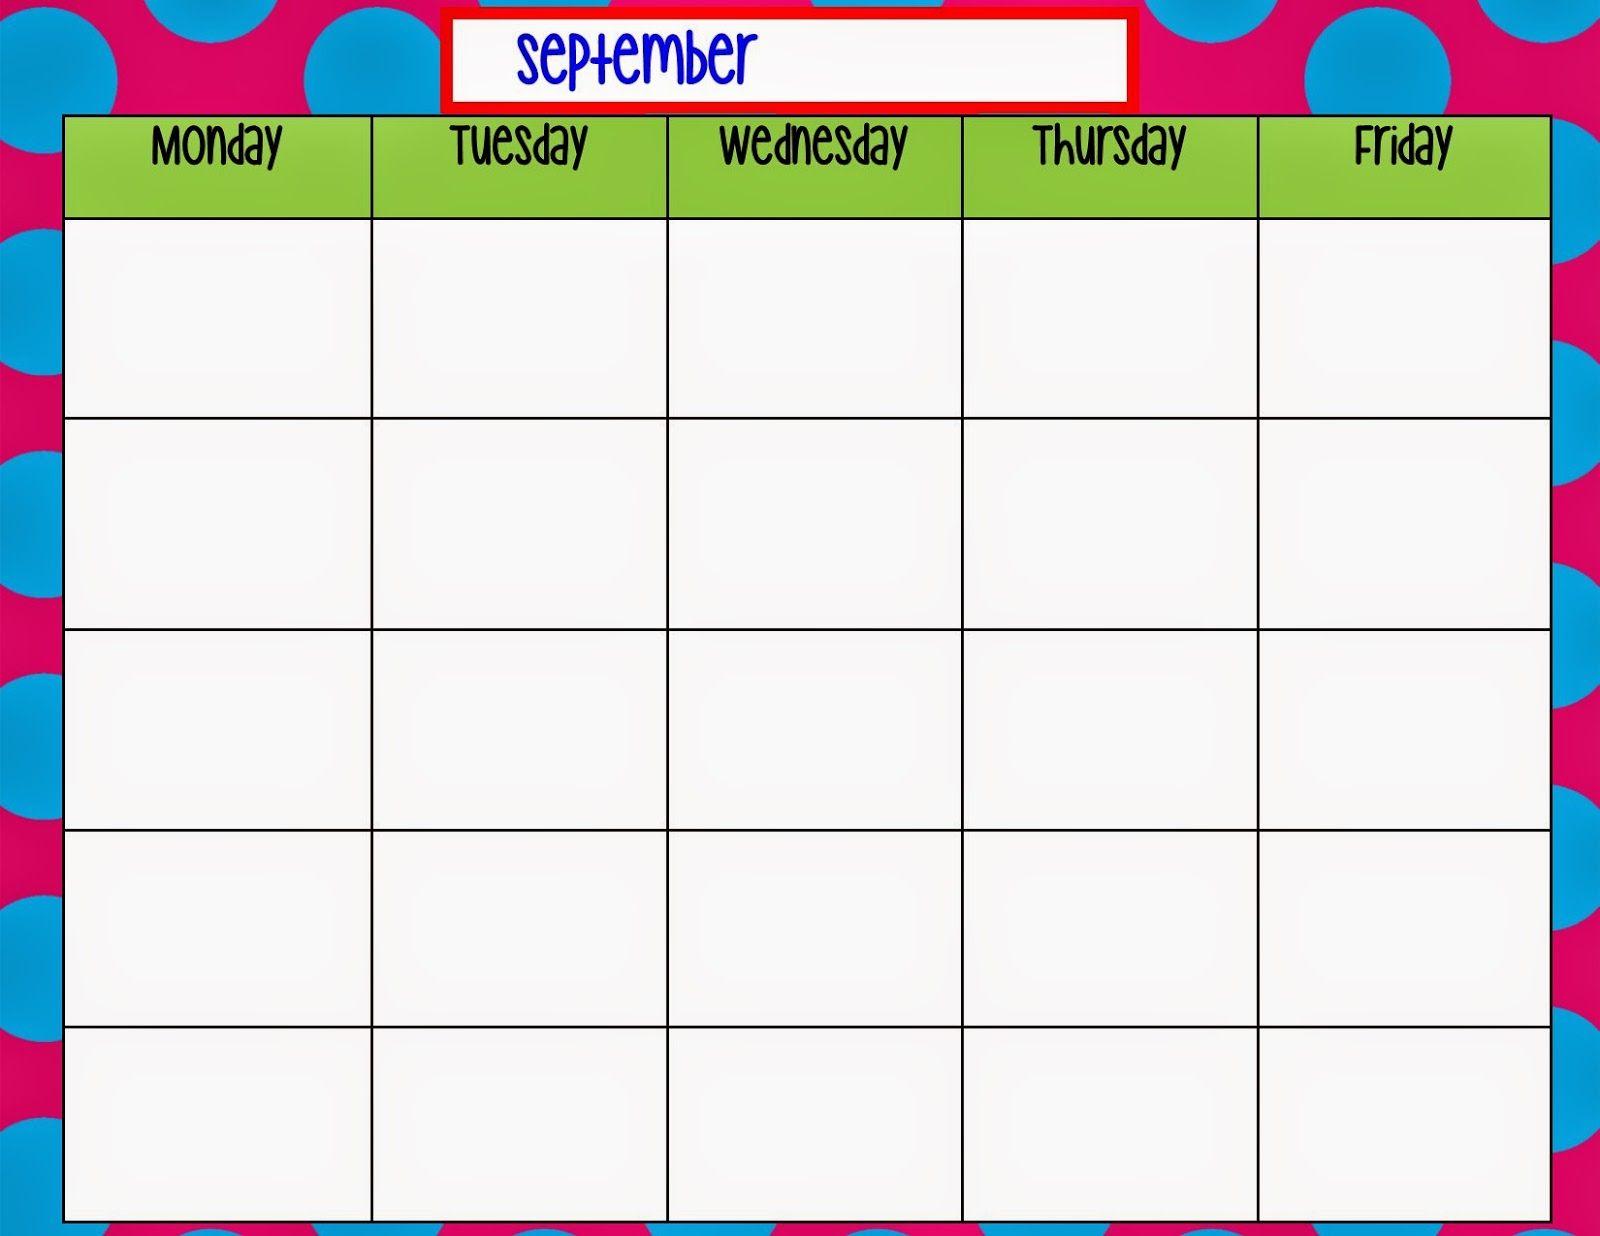 Monday Through Friday Calendar Template | Preschool | Weekly throughout Monday Through Friday Blank Calendar Printable